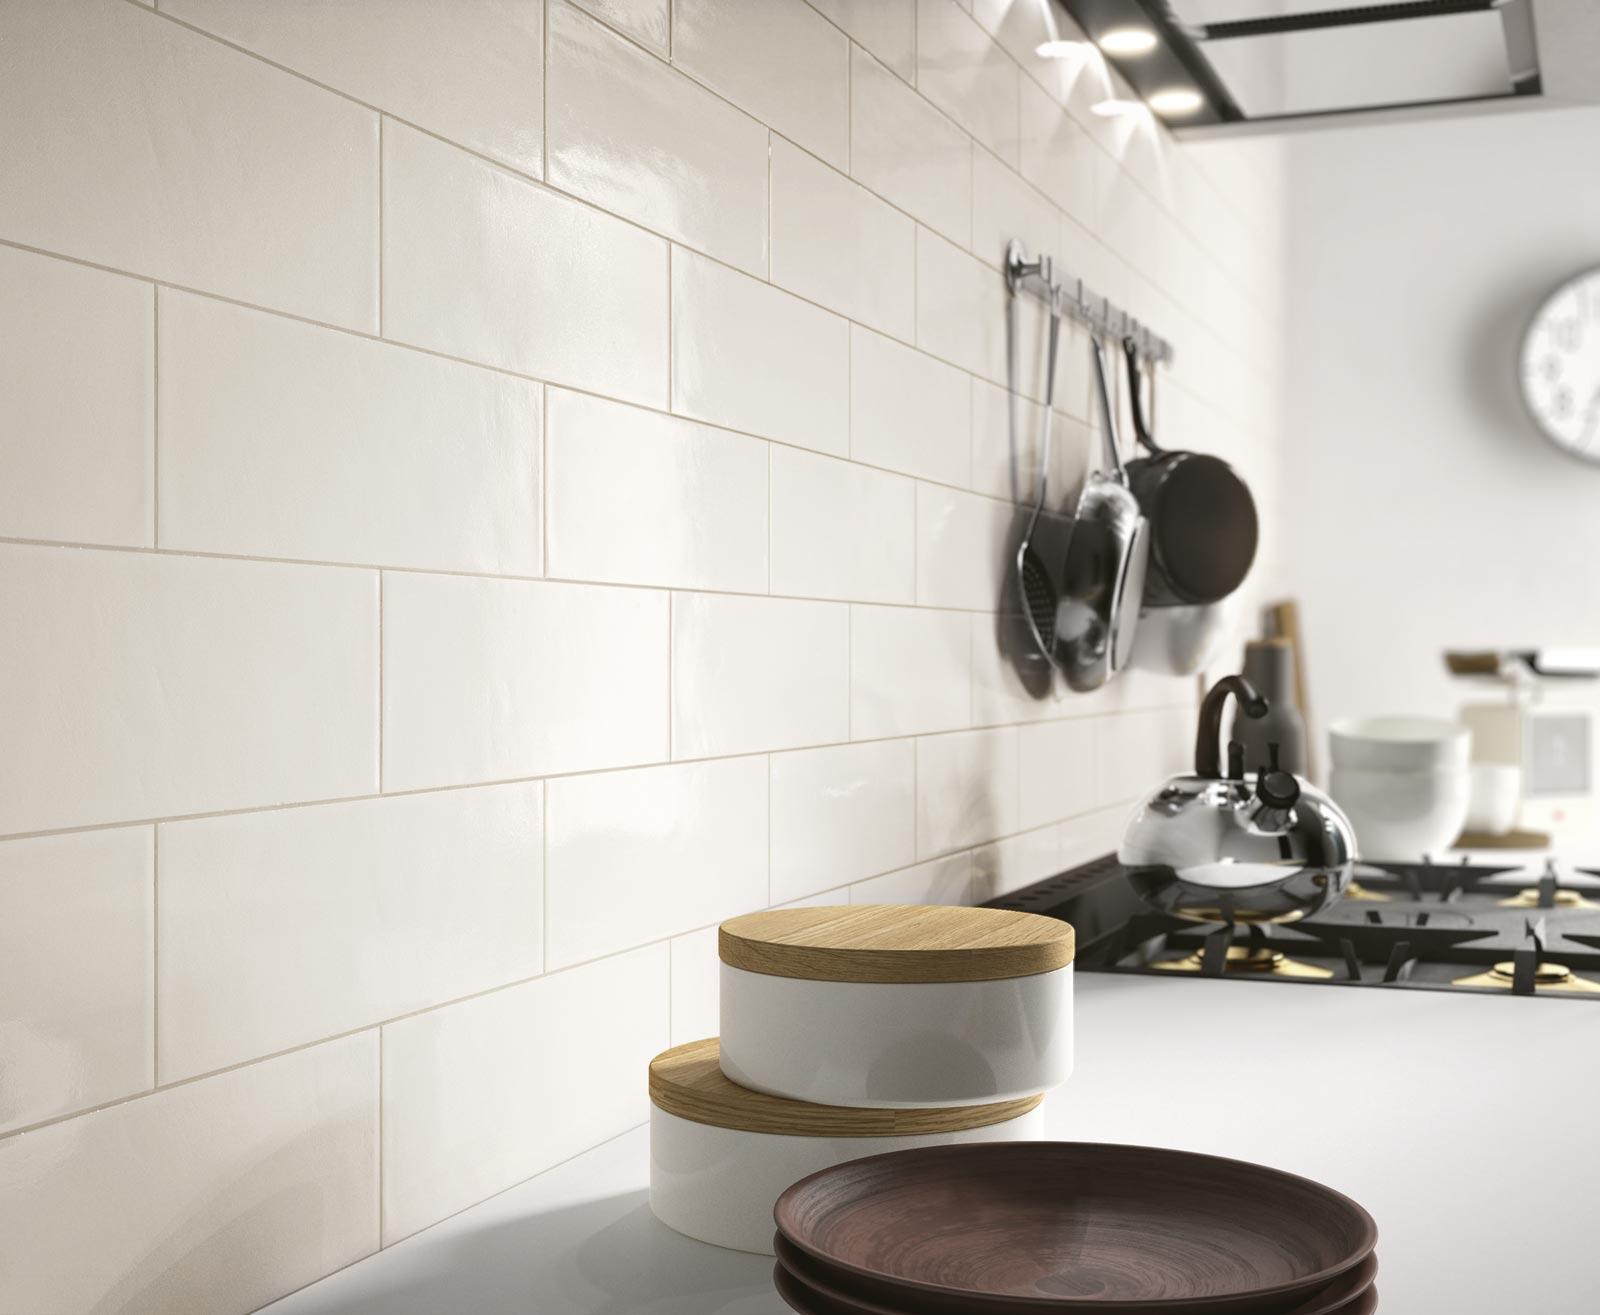 Brick glossy ceramiche ragno: rivestimenti gres porcellanato e ceramica